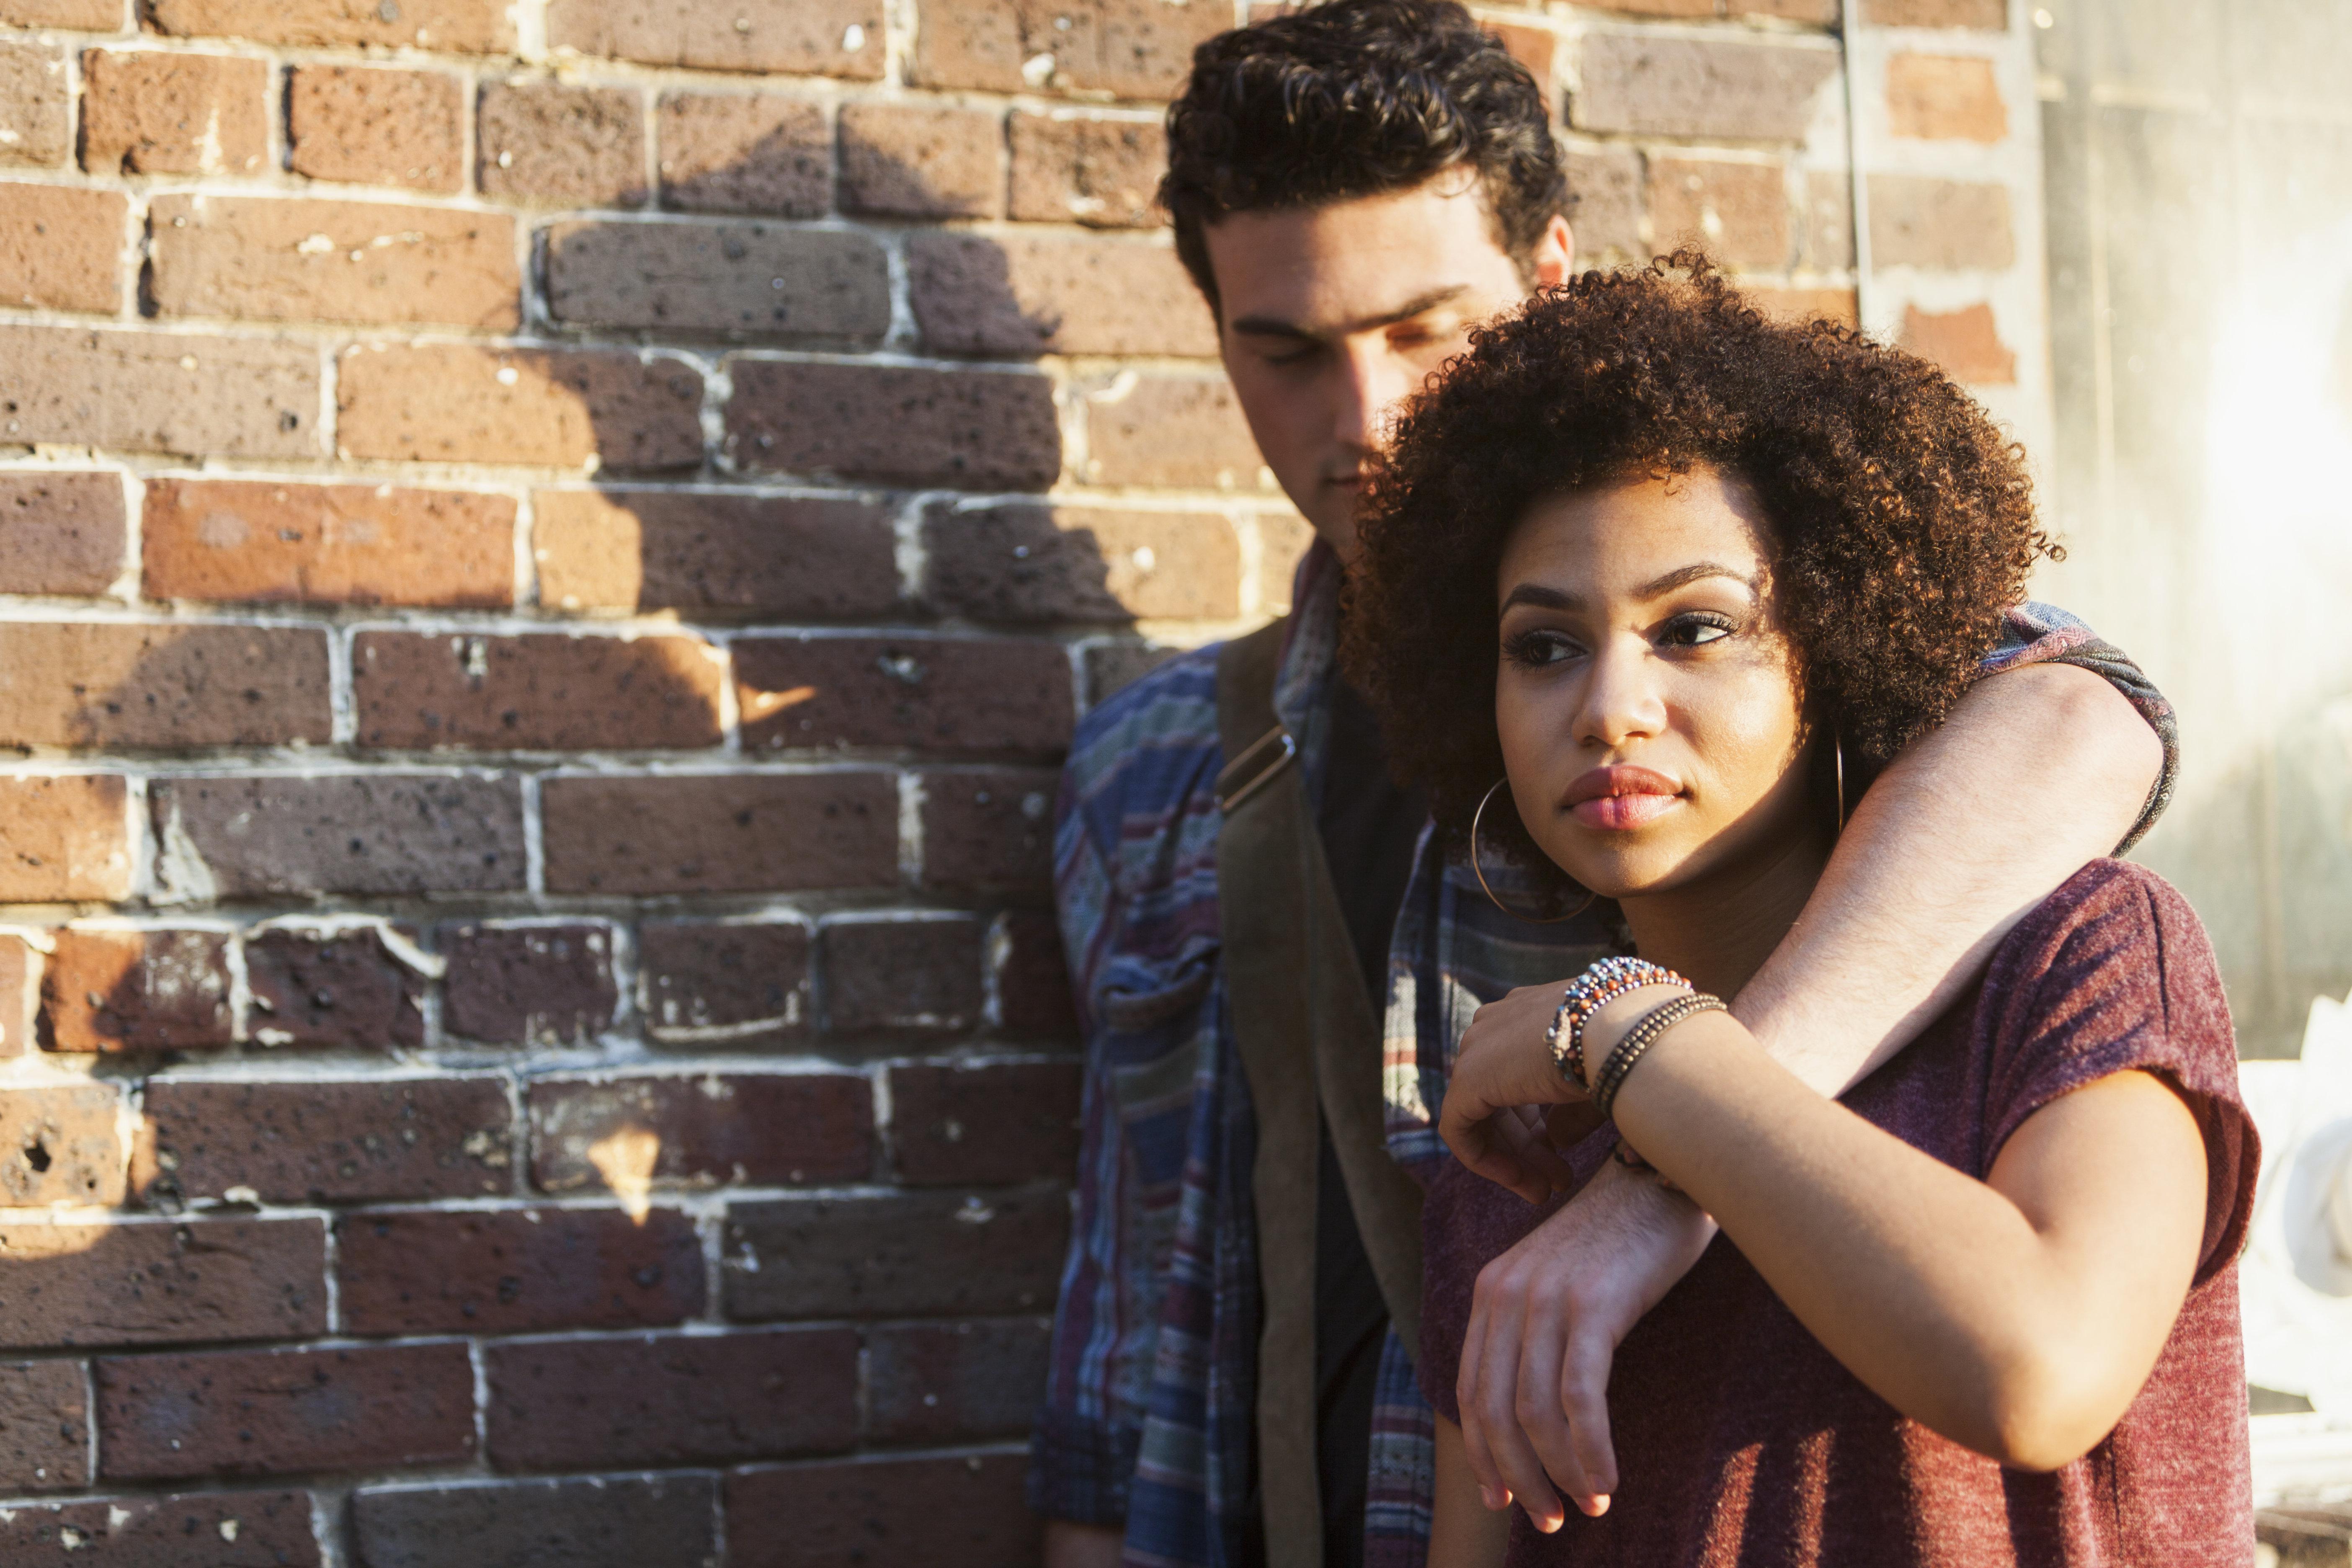 Interracial dating Huffington Post Dejting incitaments program